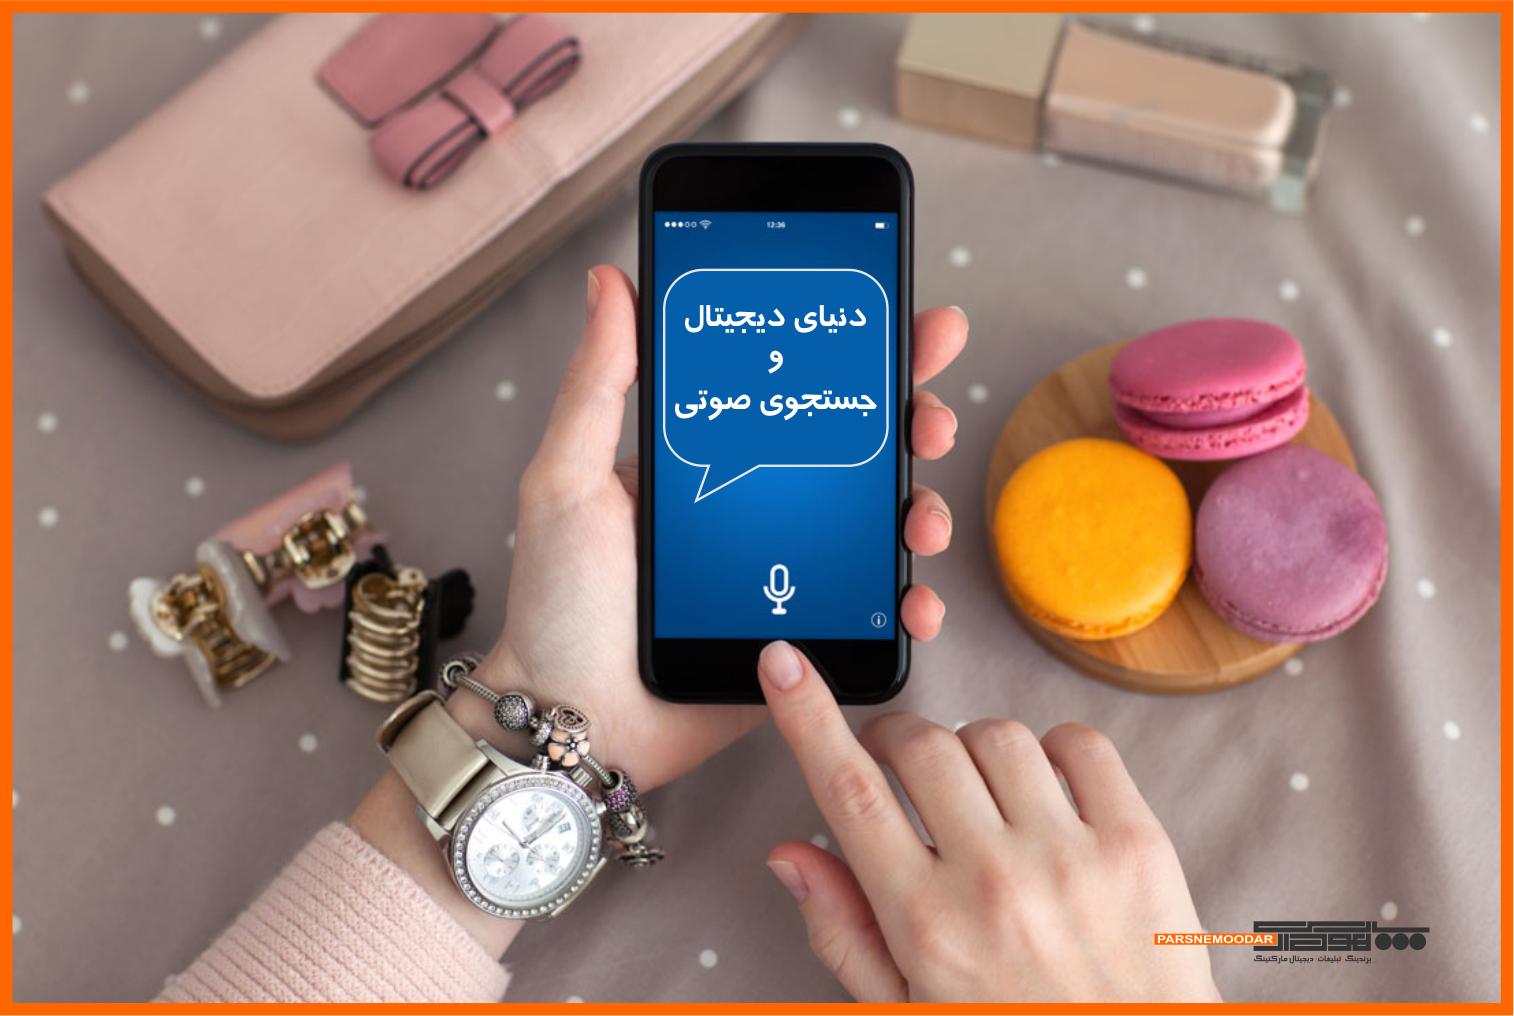 دیجیتال مارکتینگ و جستجوی صوت - بازاریابی دیجیتال - بازارابی اینترنتی